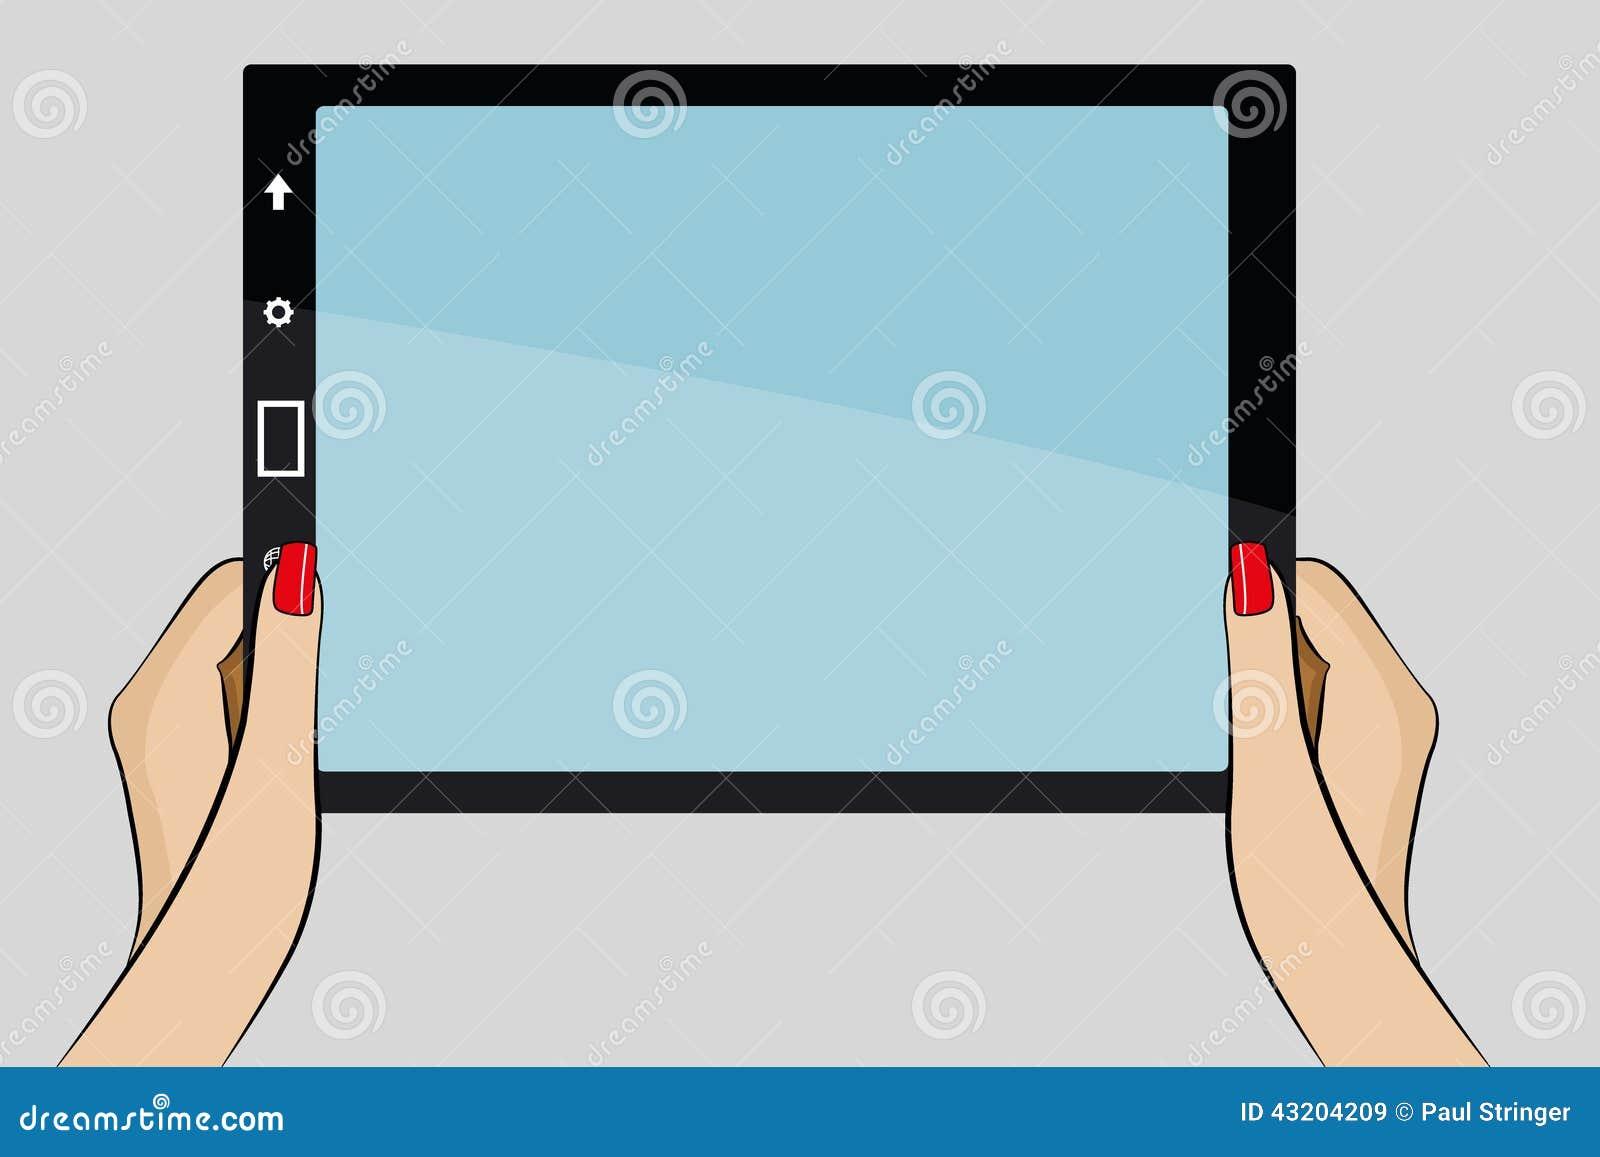 Download Illustration Av Kvinnas Hand Som Rymmer Ett Affärskort Stock Illustrationer - Illustration av ställe, spika: 43204209